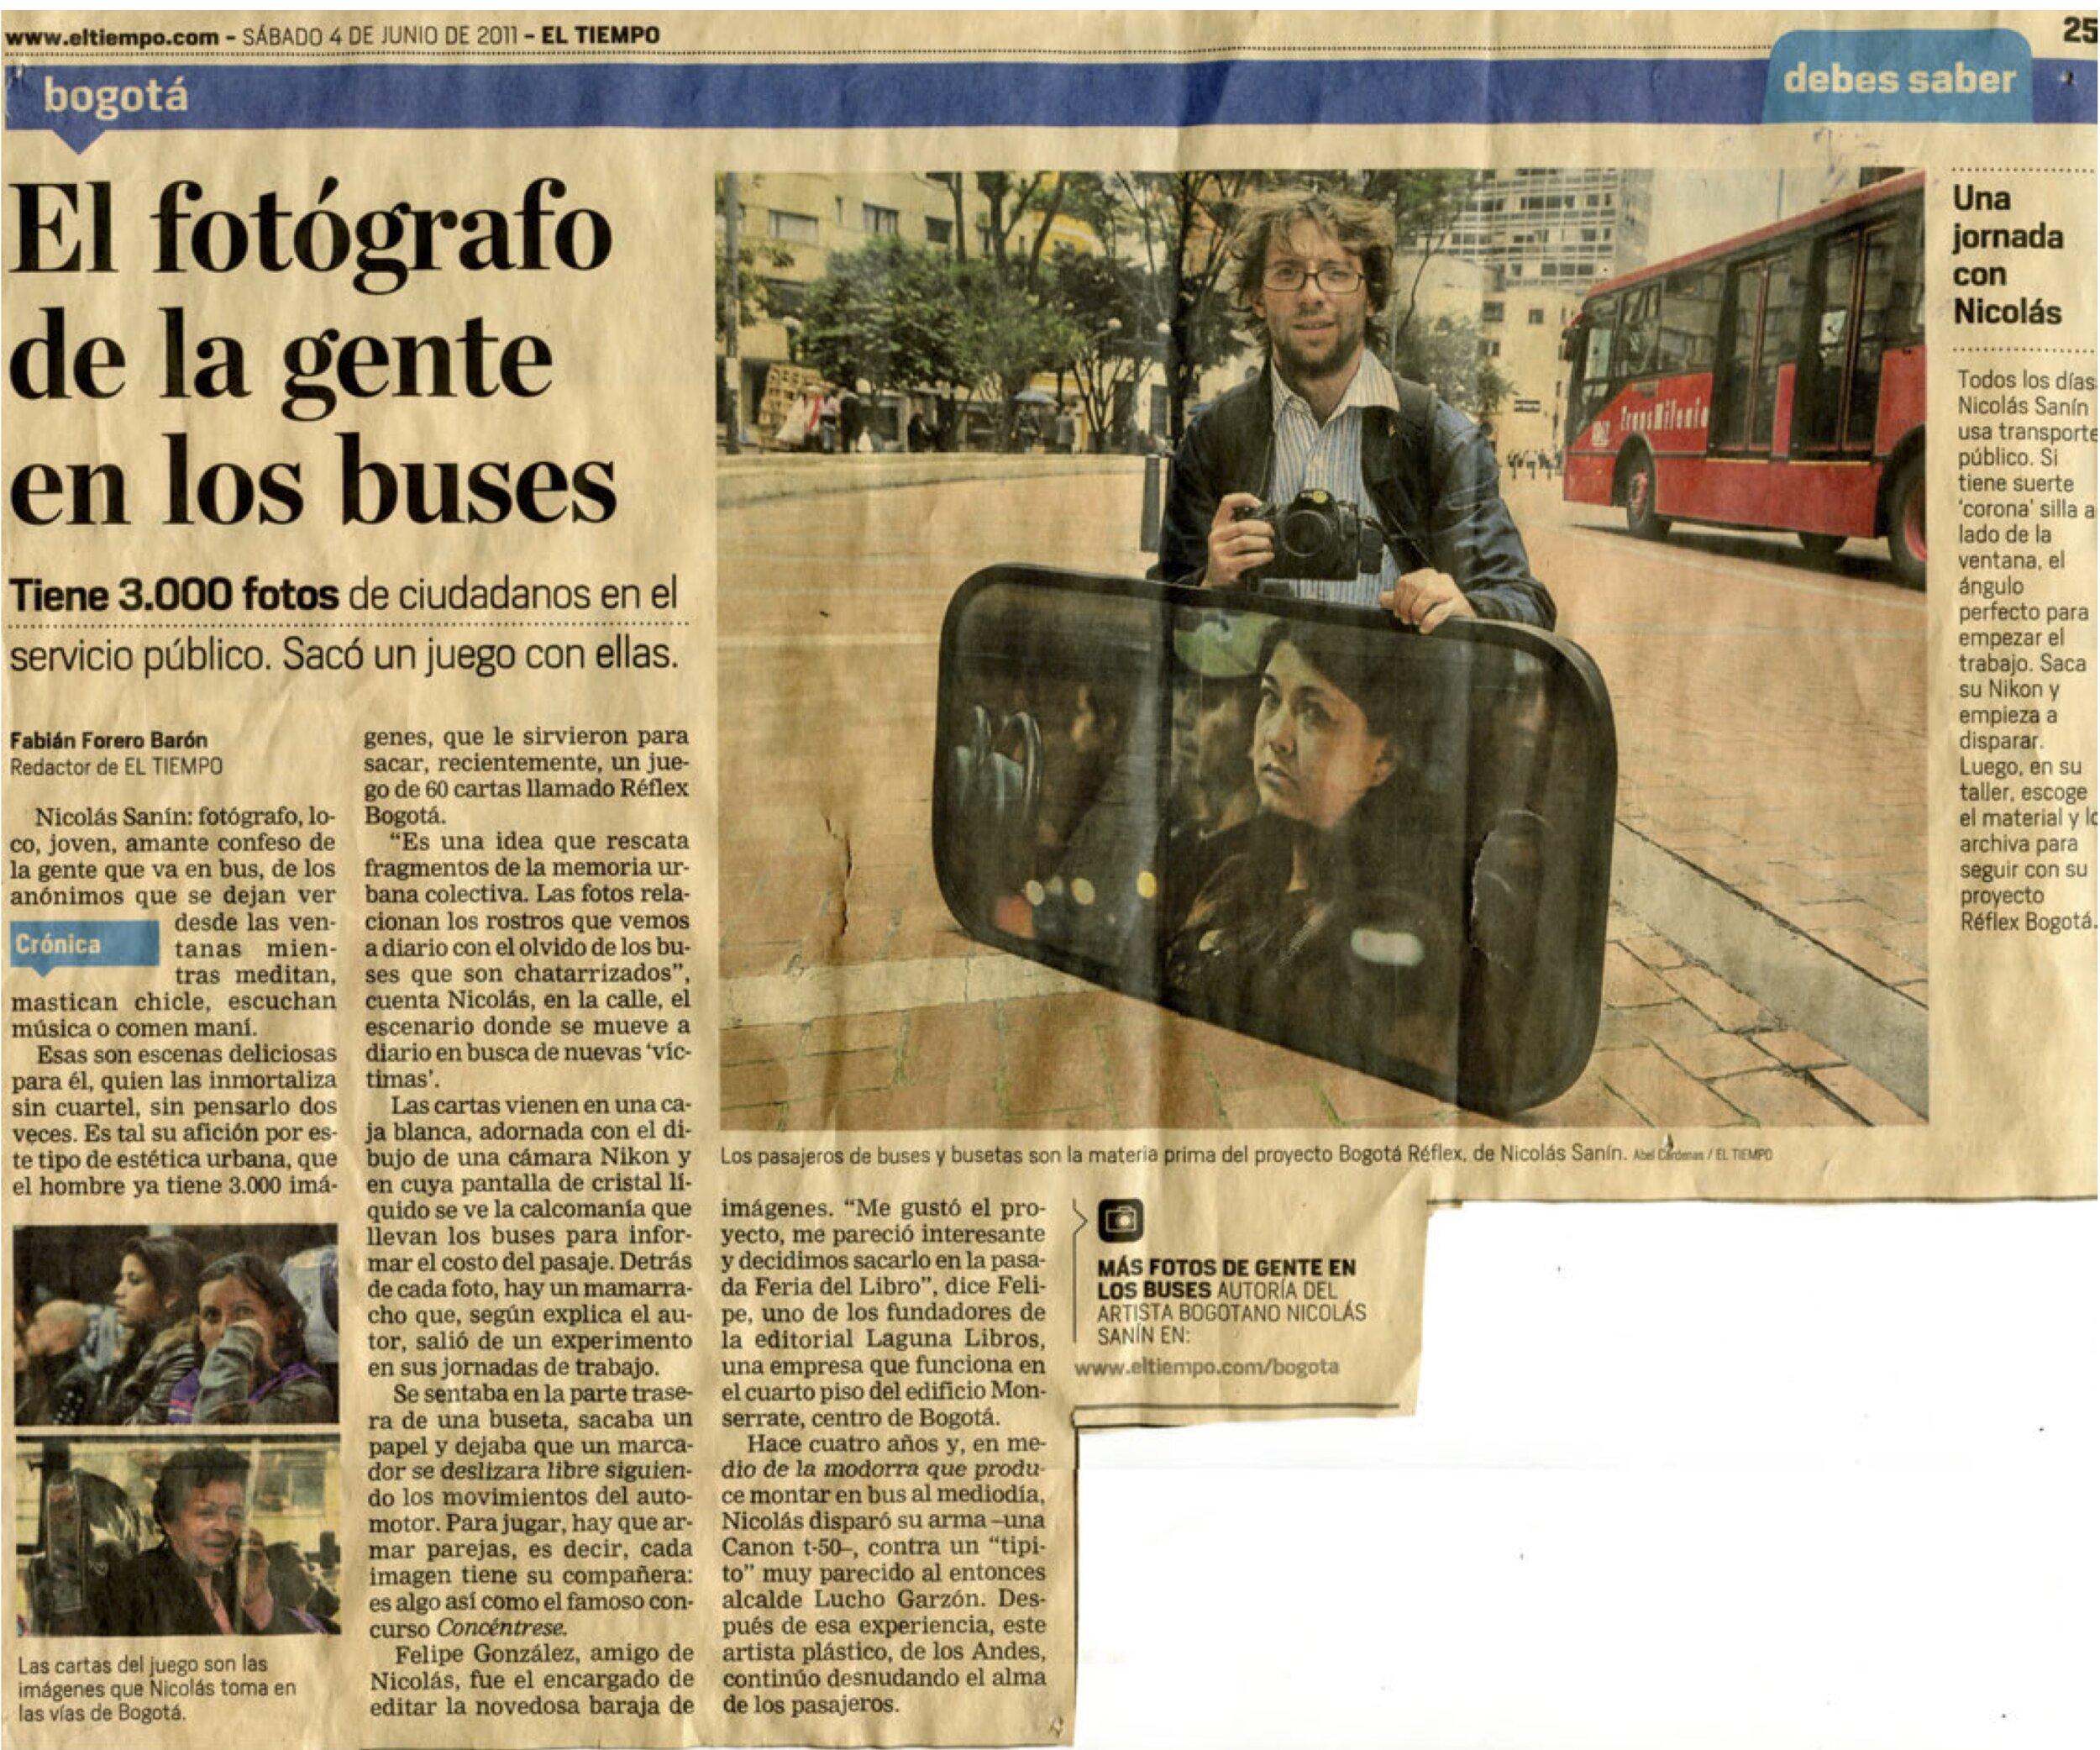 fotografo_de_los_buses.jpg